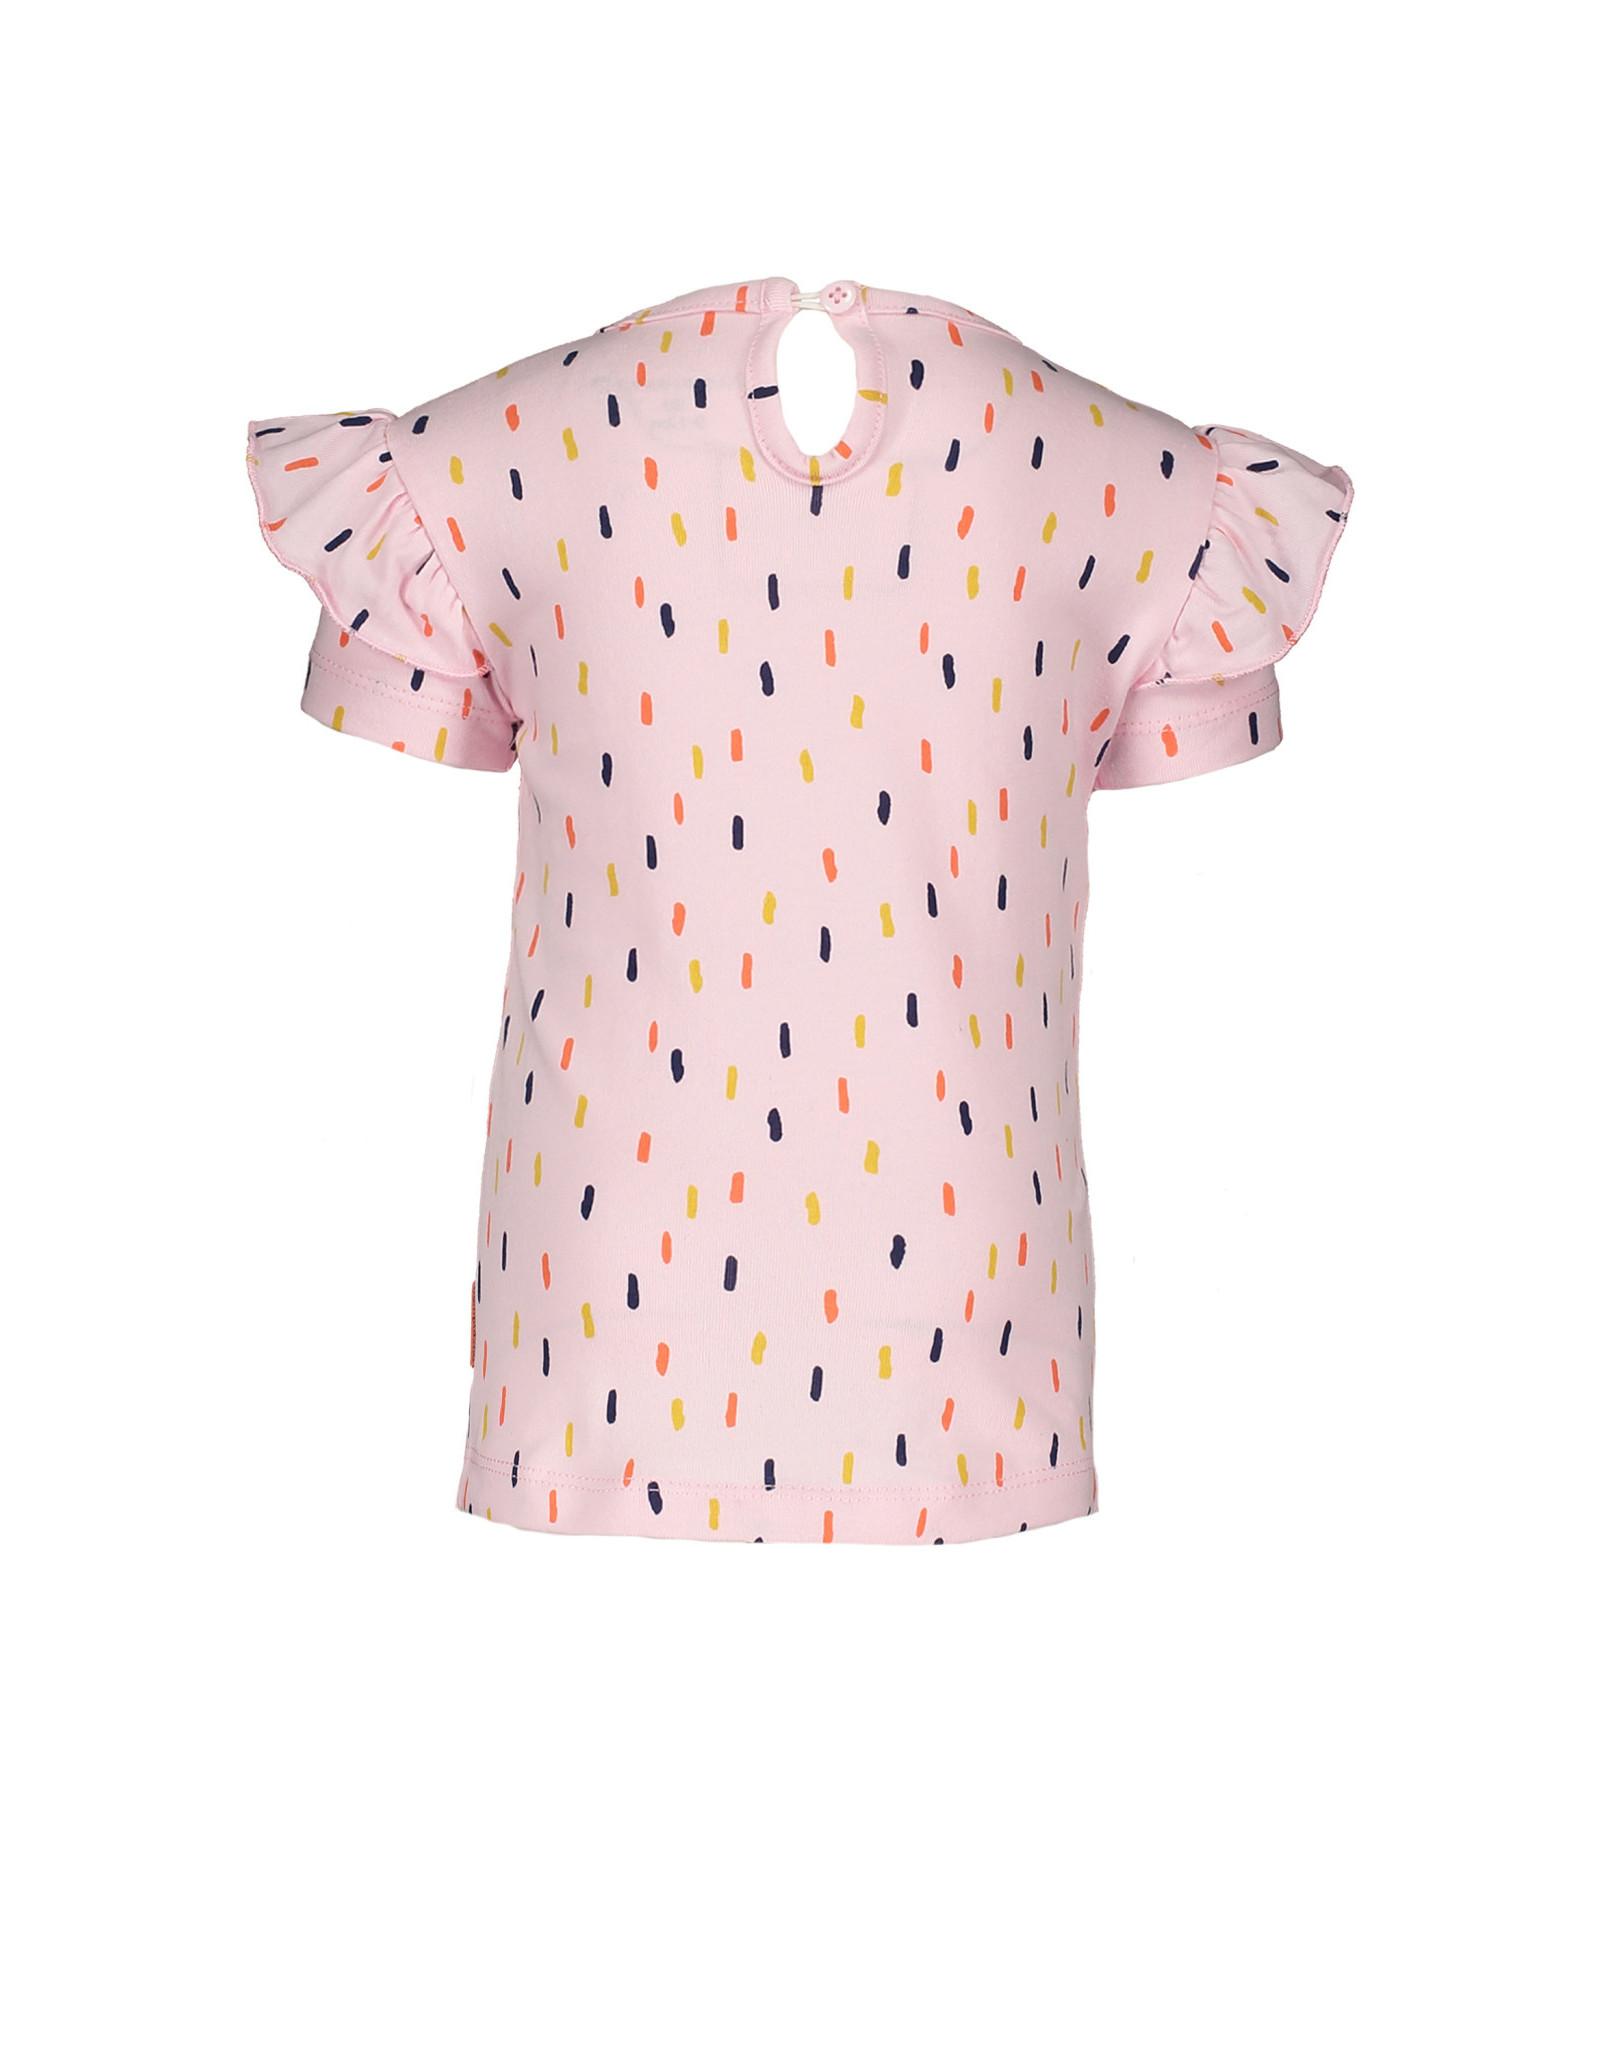 Bampidano Bampidano baby meisjes Doortje Light Pink